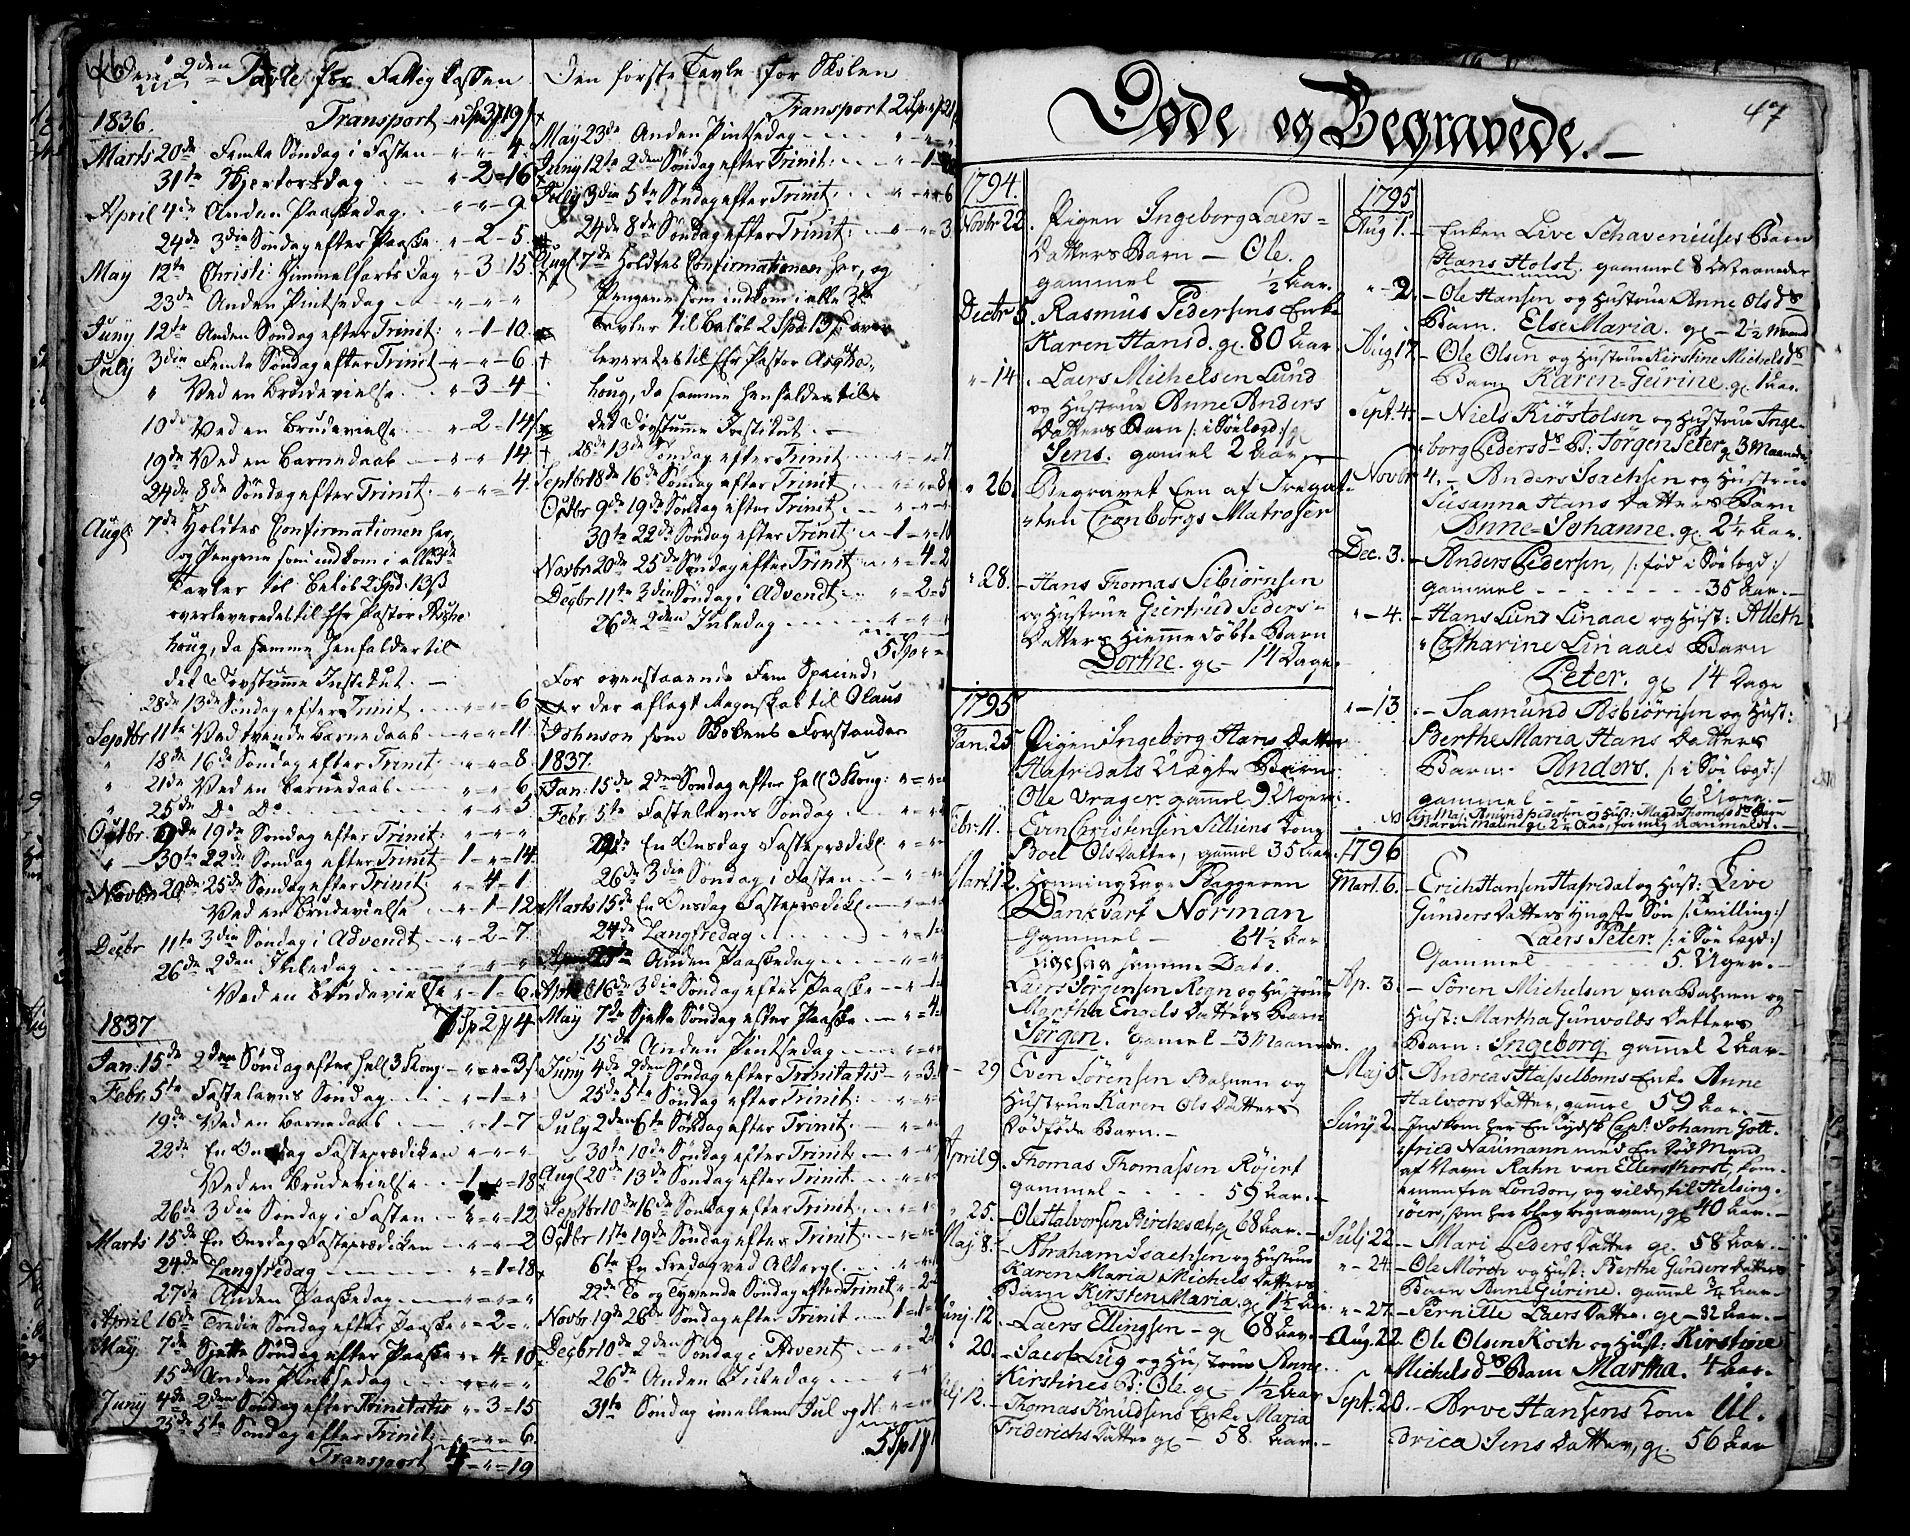 SAKO, Langesund kirkebøker, G/Ga/L0001: Klokkerbok nr. 1, 1783-1801, s. 46-47